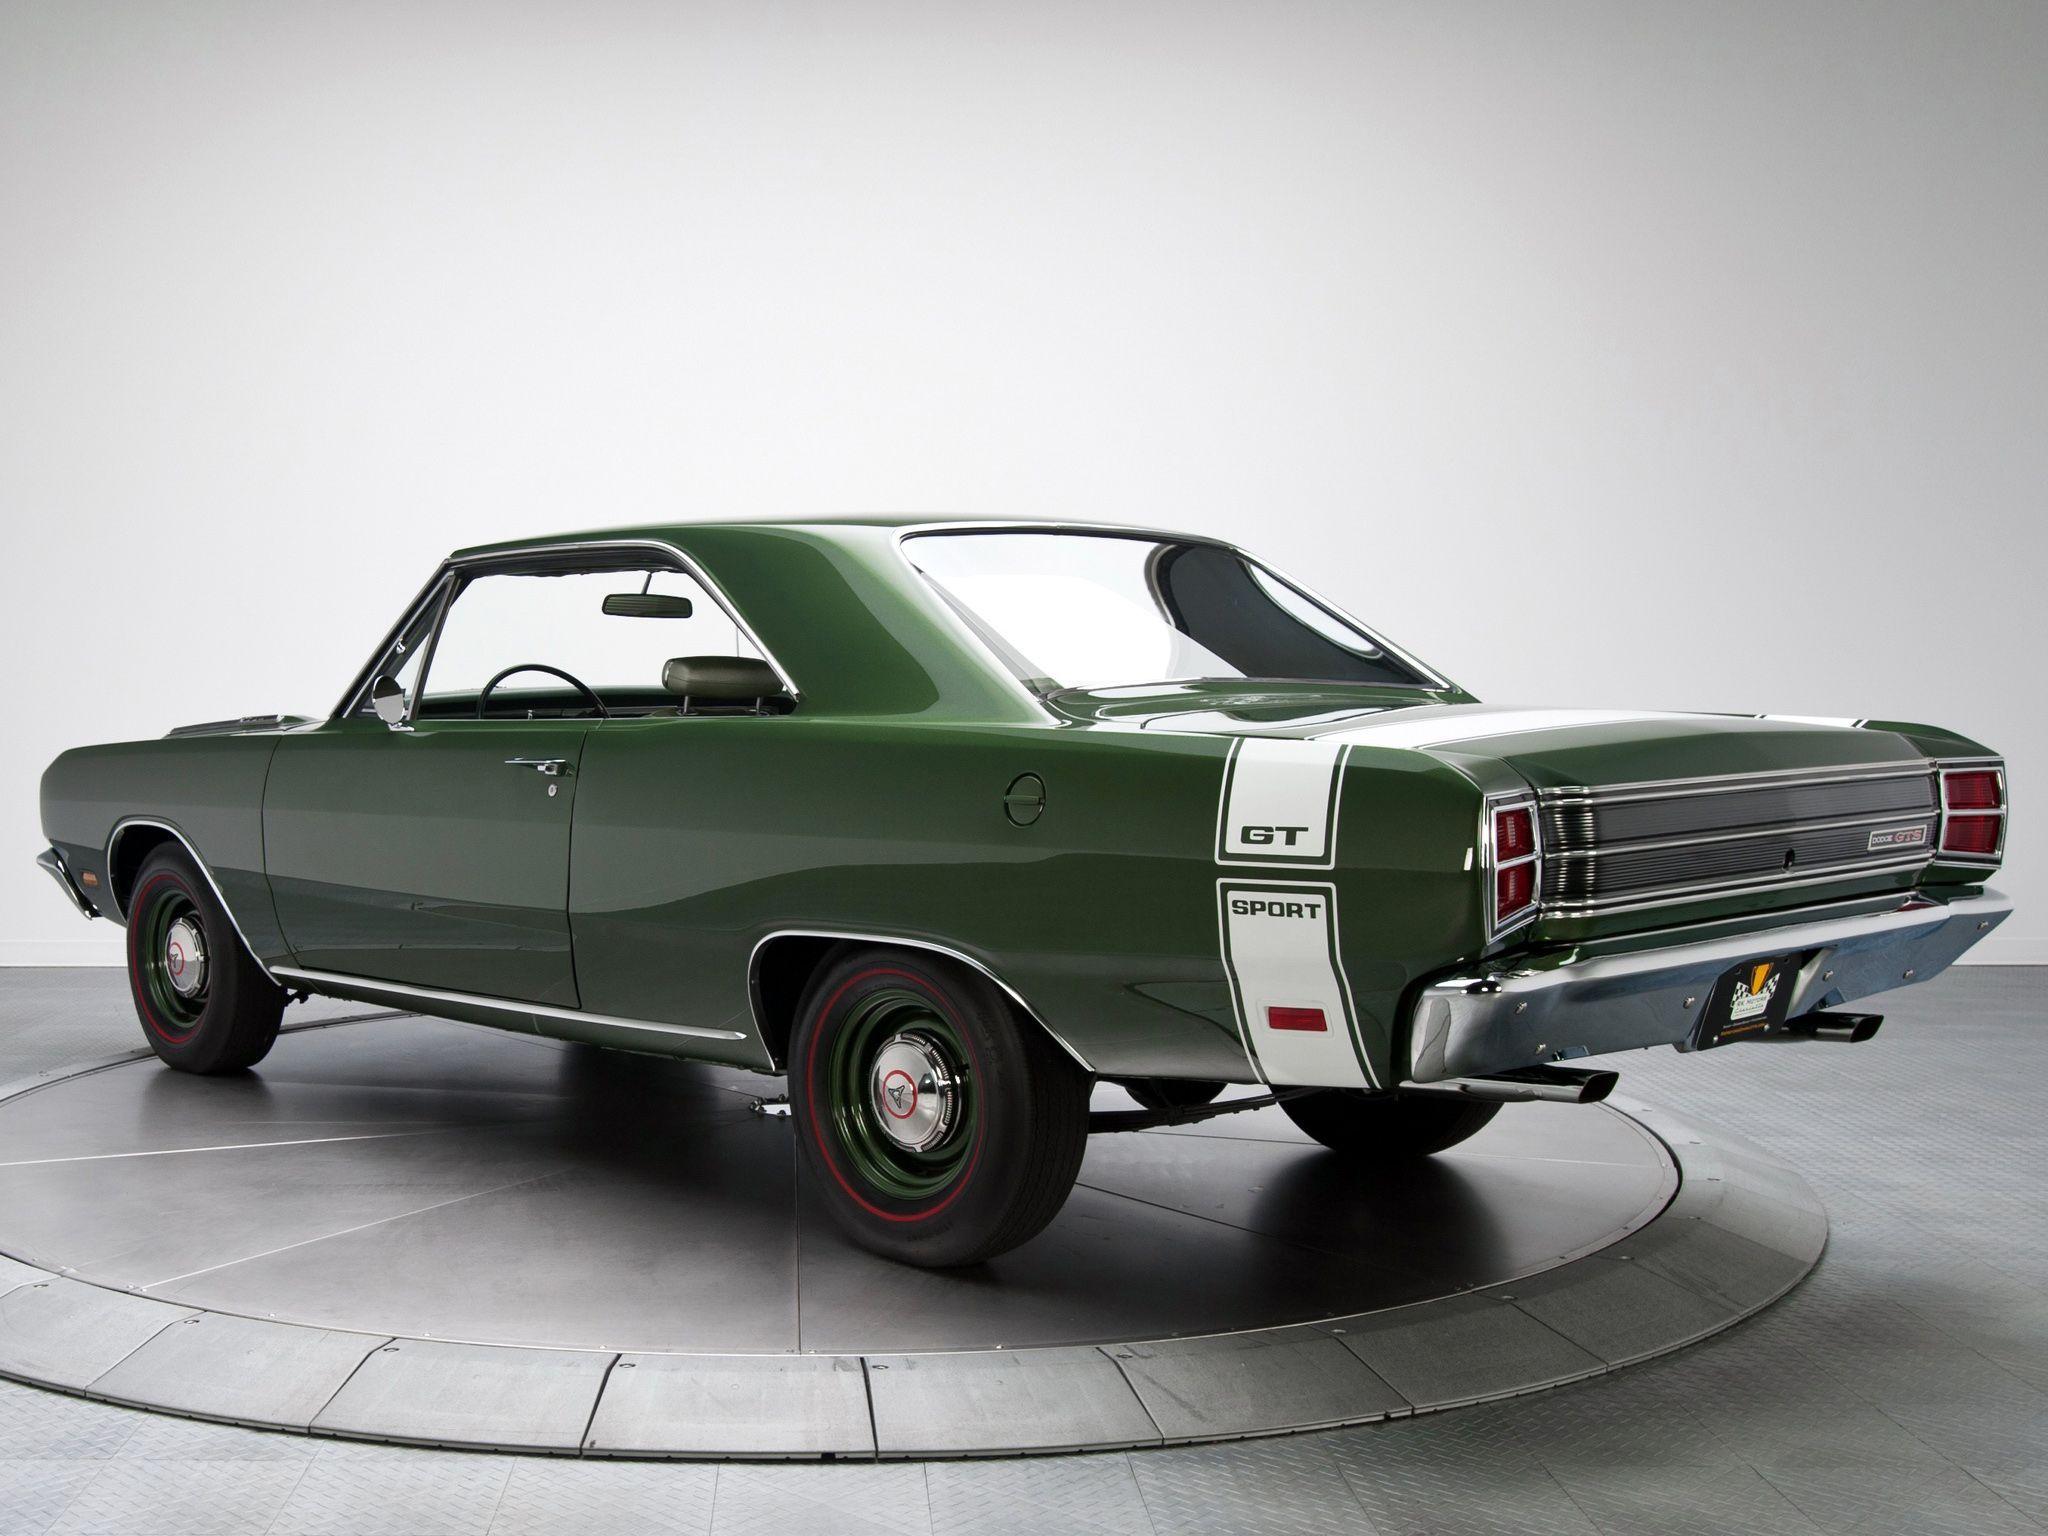 1969 Dodge Dart Gts 440 Dodge Muscle Cars Dodge Dart Vintage